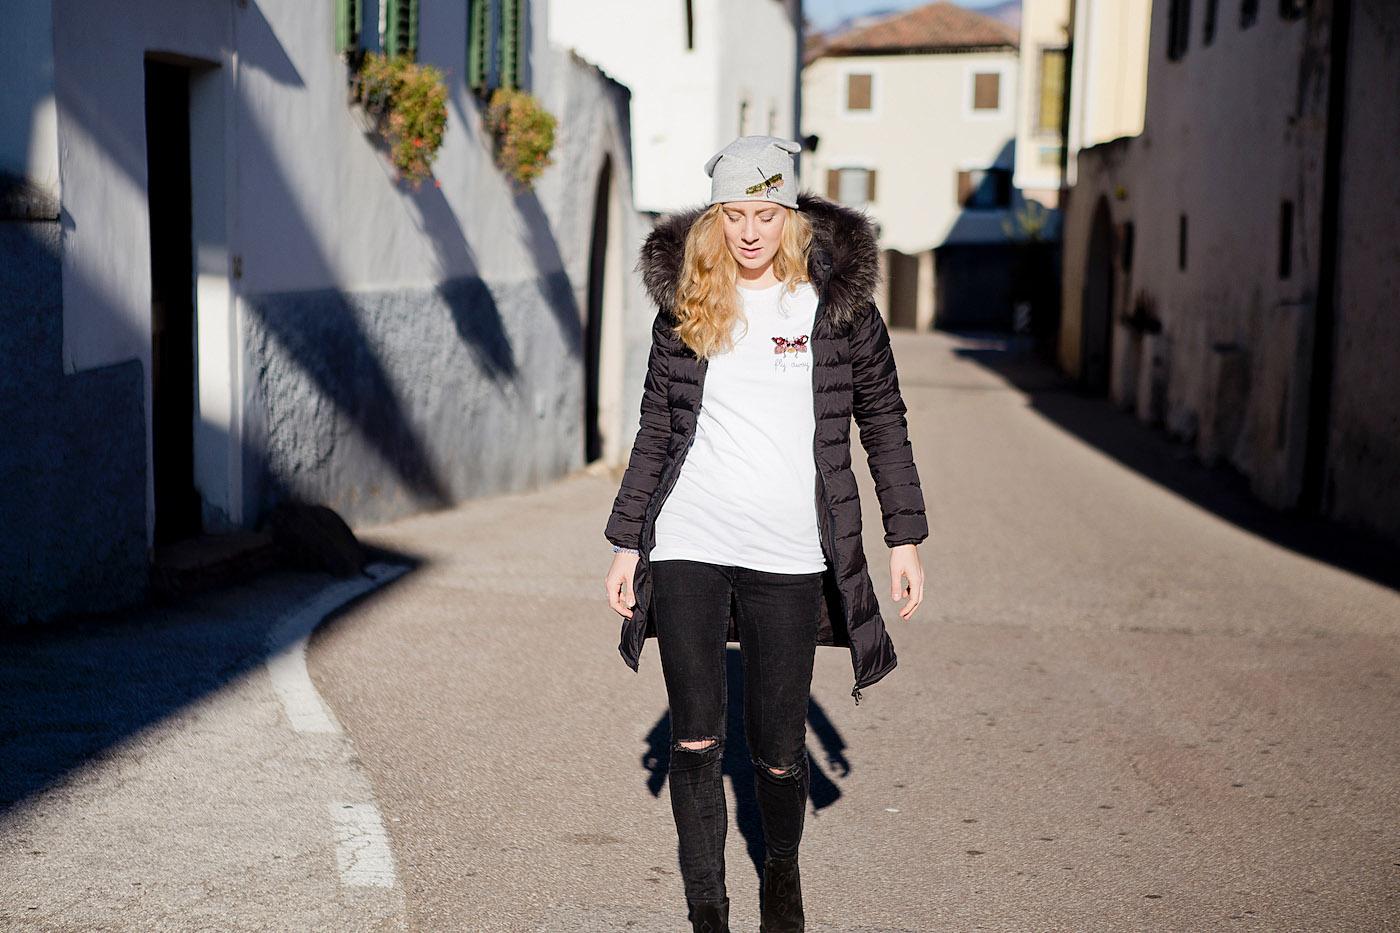 black Duvetica jacket _ Duvetica Daunenjacke _ Internodiciotto _ Sarenza Stiefel _ jeans mit zerrissenen Knie